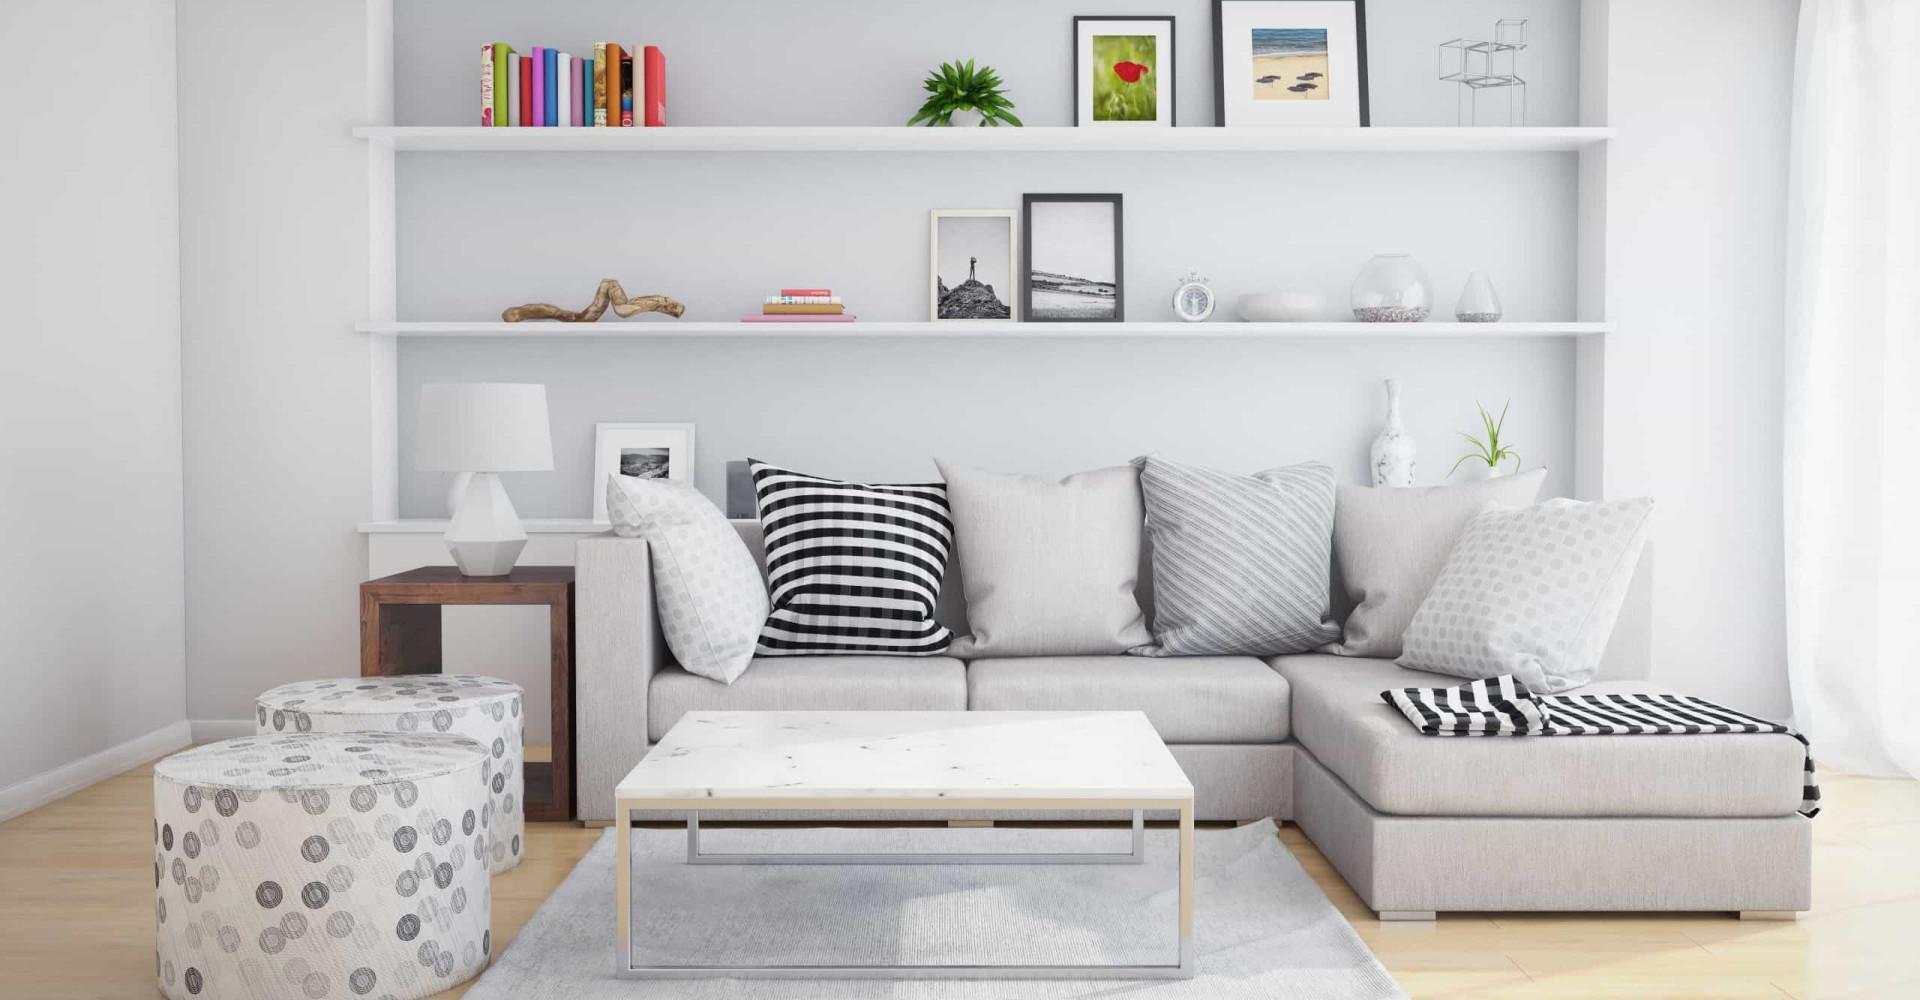 Ahorrando espacio: cómo construir estanterías útiles y elegantes